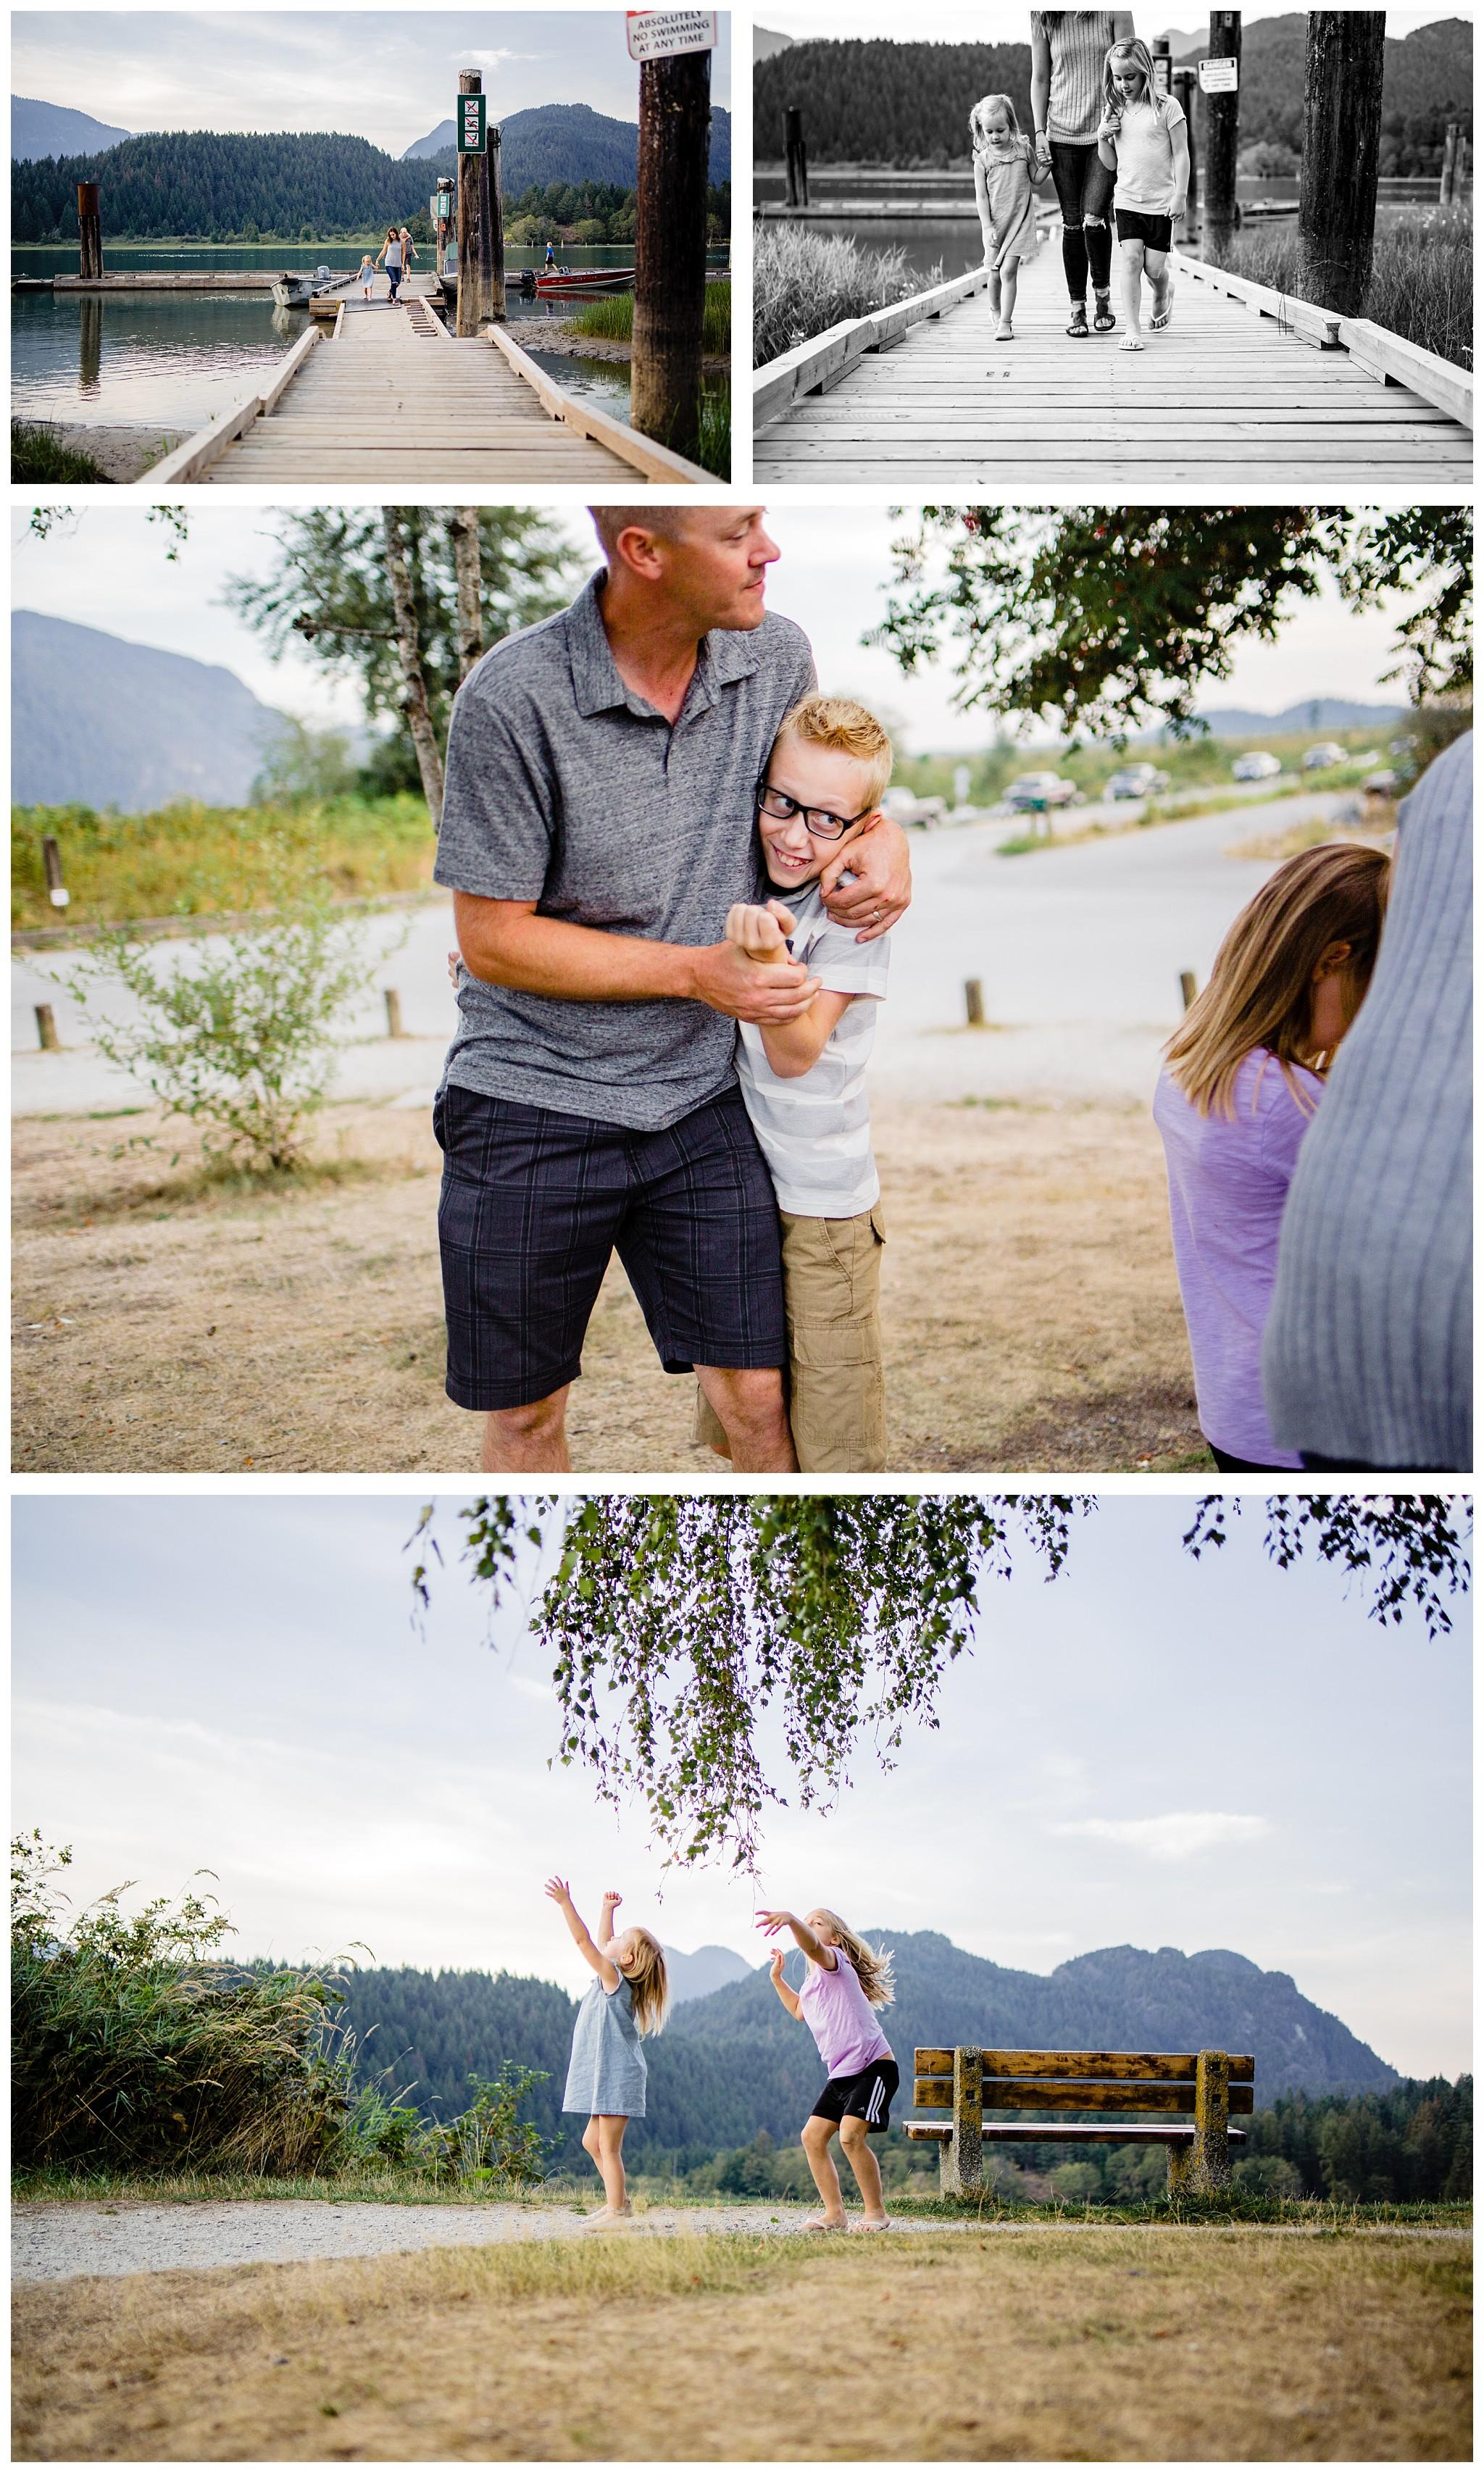 Pitt Lake Documentary Family Photographer Bubbles Mud Family of 6 Boys Girls Children_0098.jpg